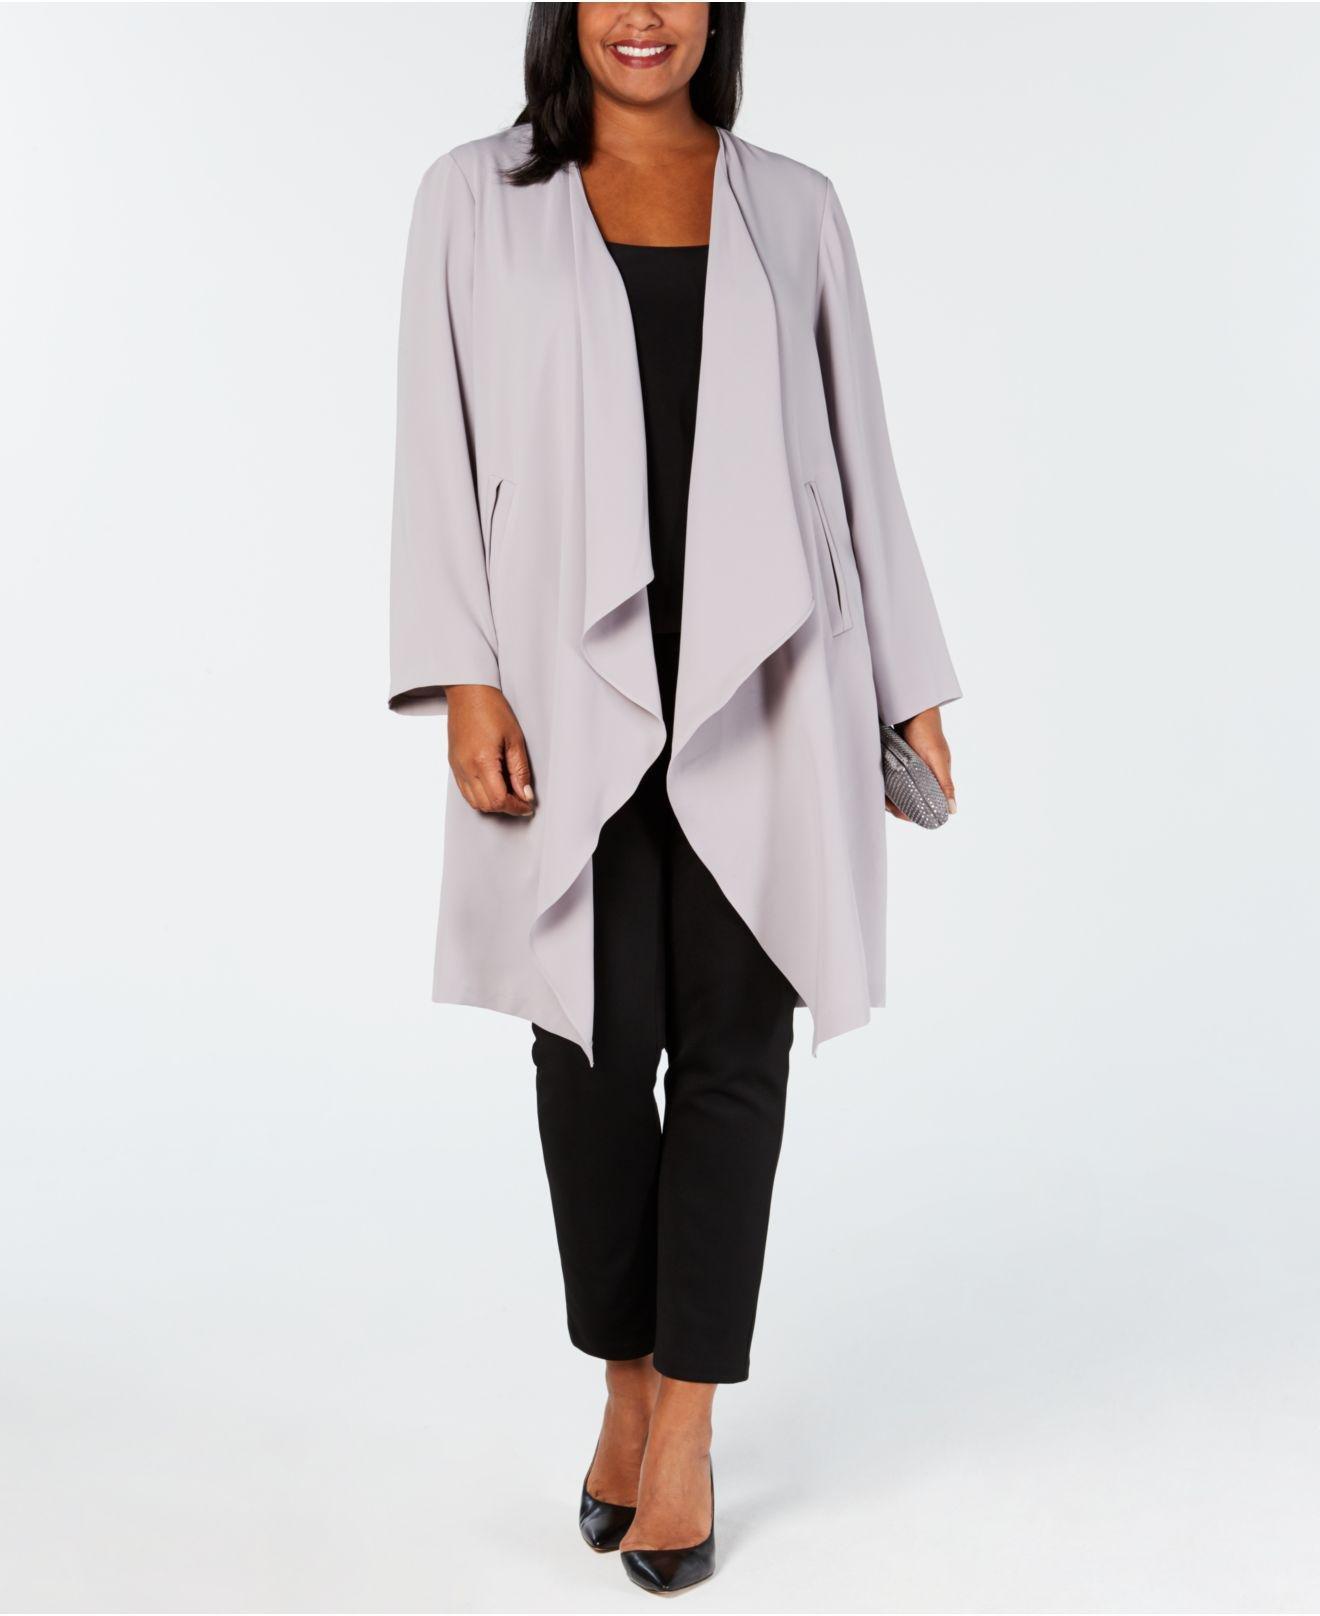 f93bbecf558 Nine West. Women s Plus Size Draped Duster Jacket